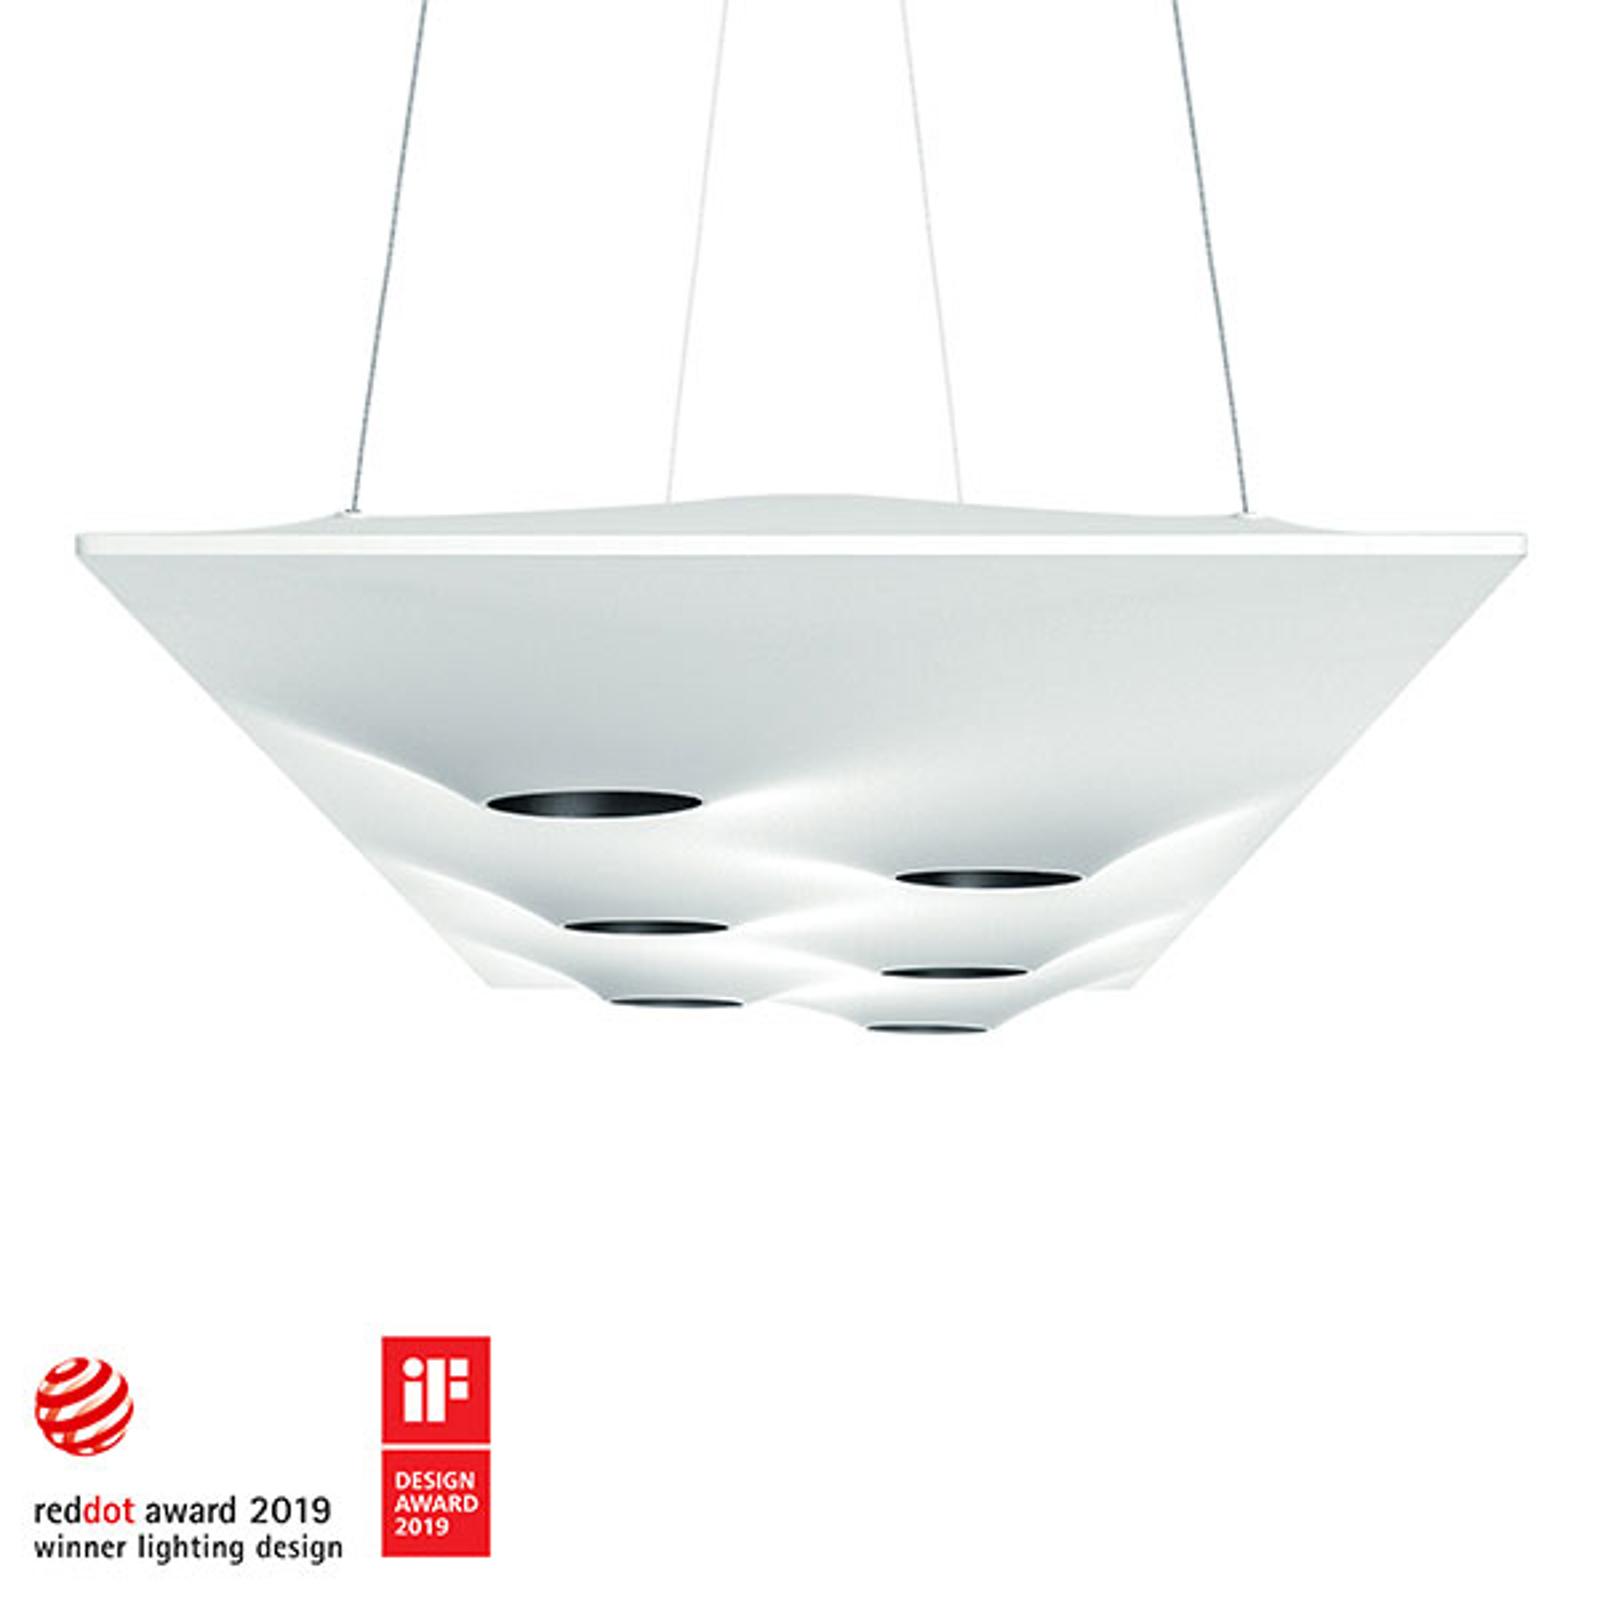 Zumtobel Teela LED-Hängeleuchte Bluetooth 180 cm